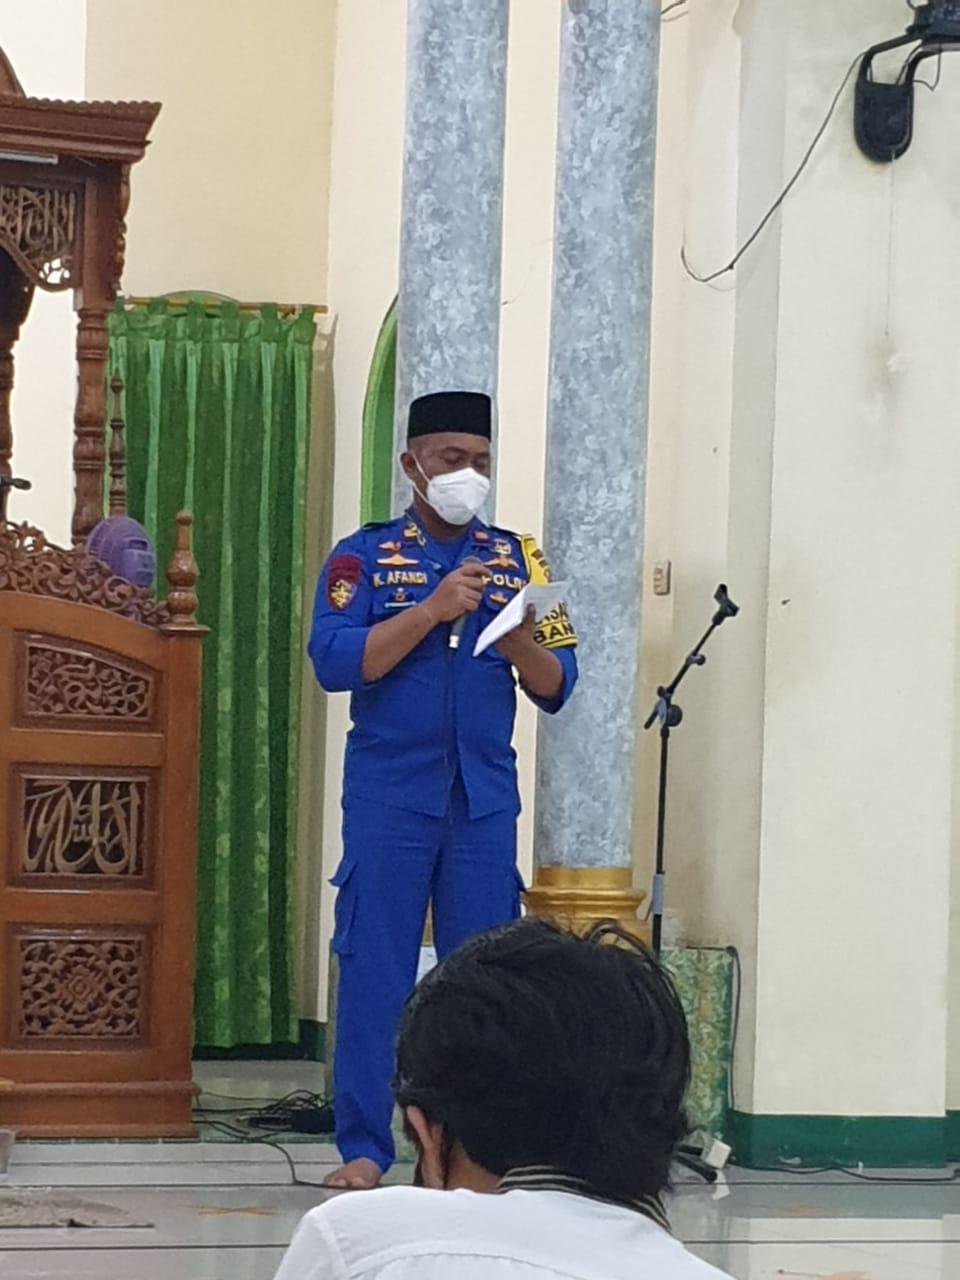 Kasatpoliarud Polres Kobar Laksanakan PAM Tarawih Di Masjid Al Fajar